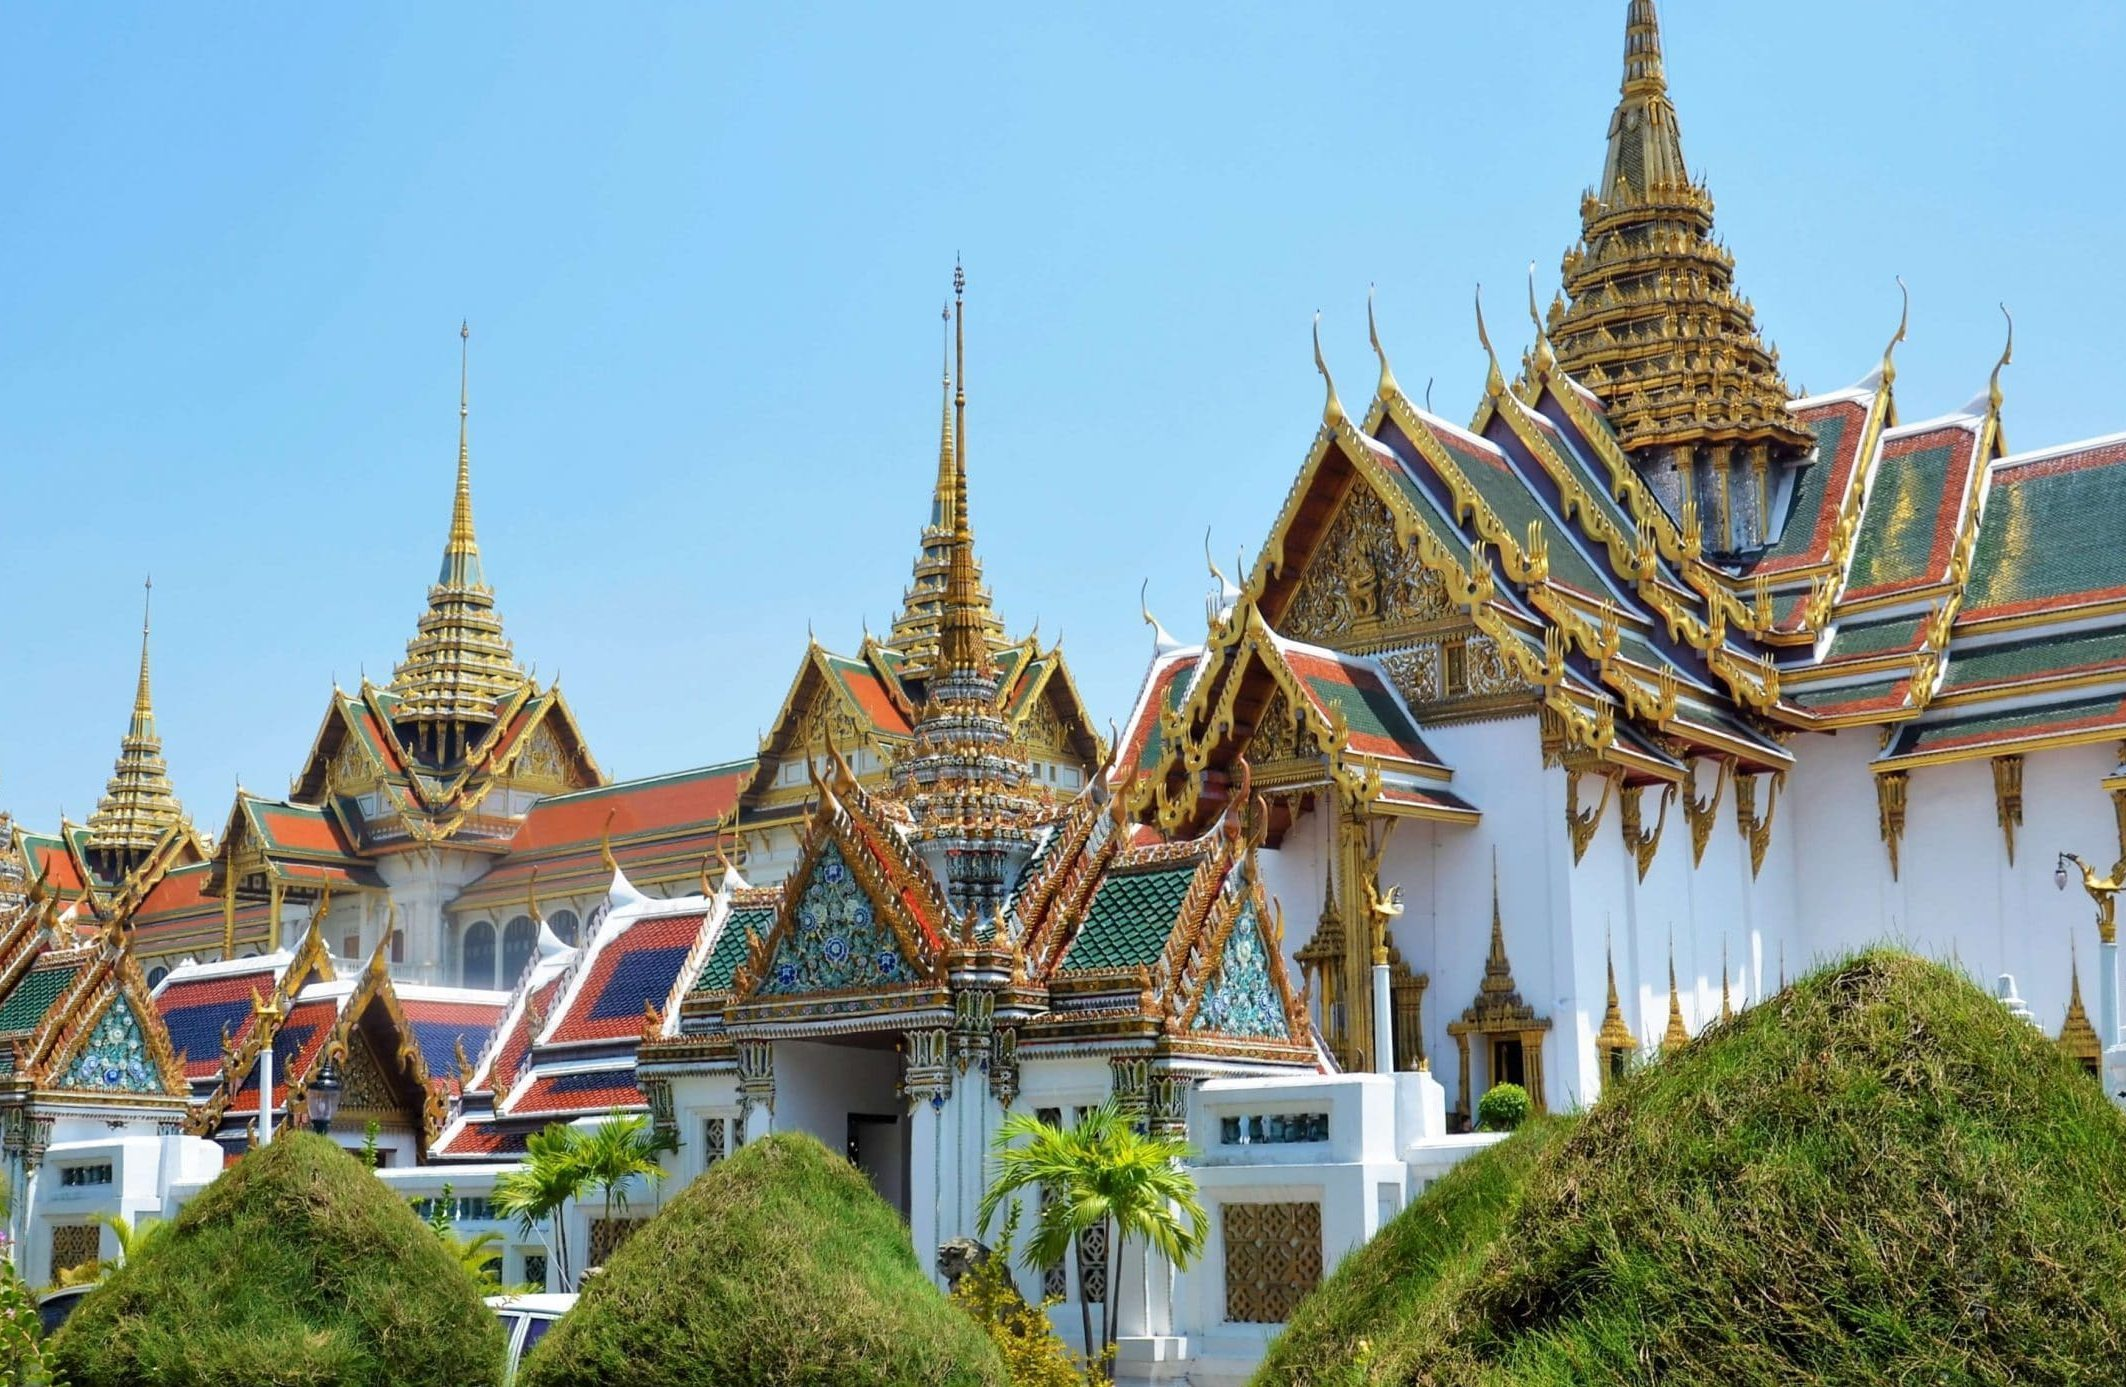 Urlaub in Thailand - Tipps und Infos  | Urlaubsreise.blog